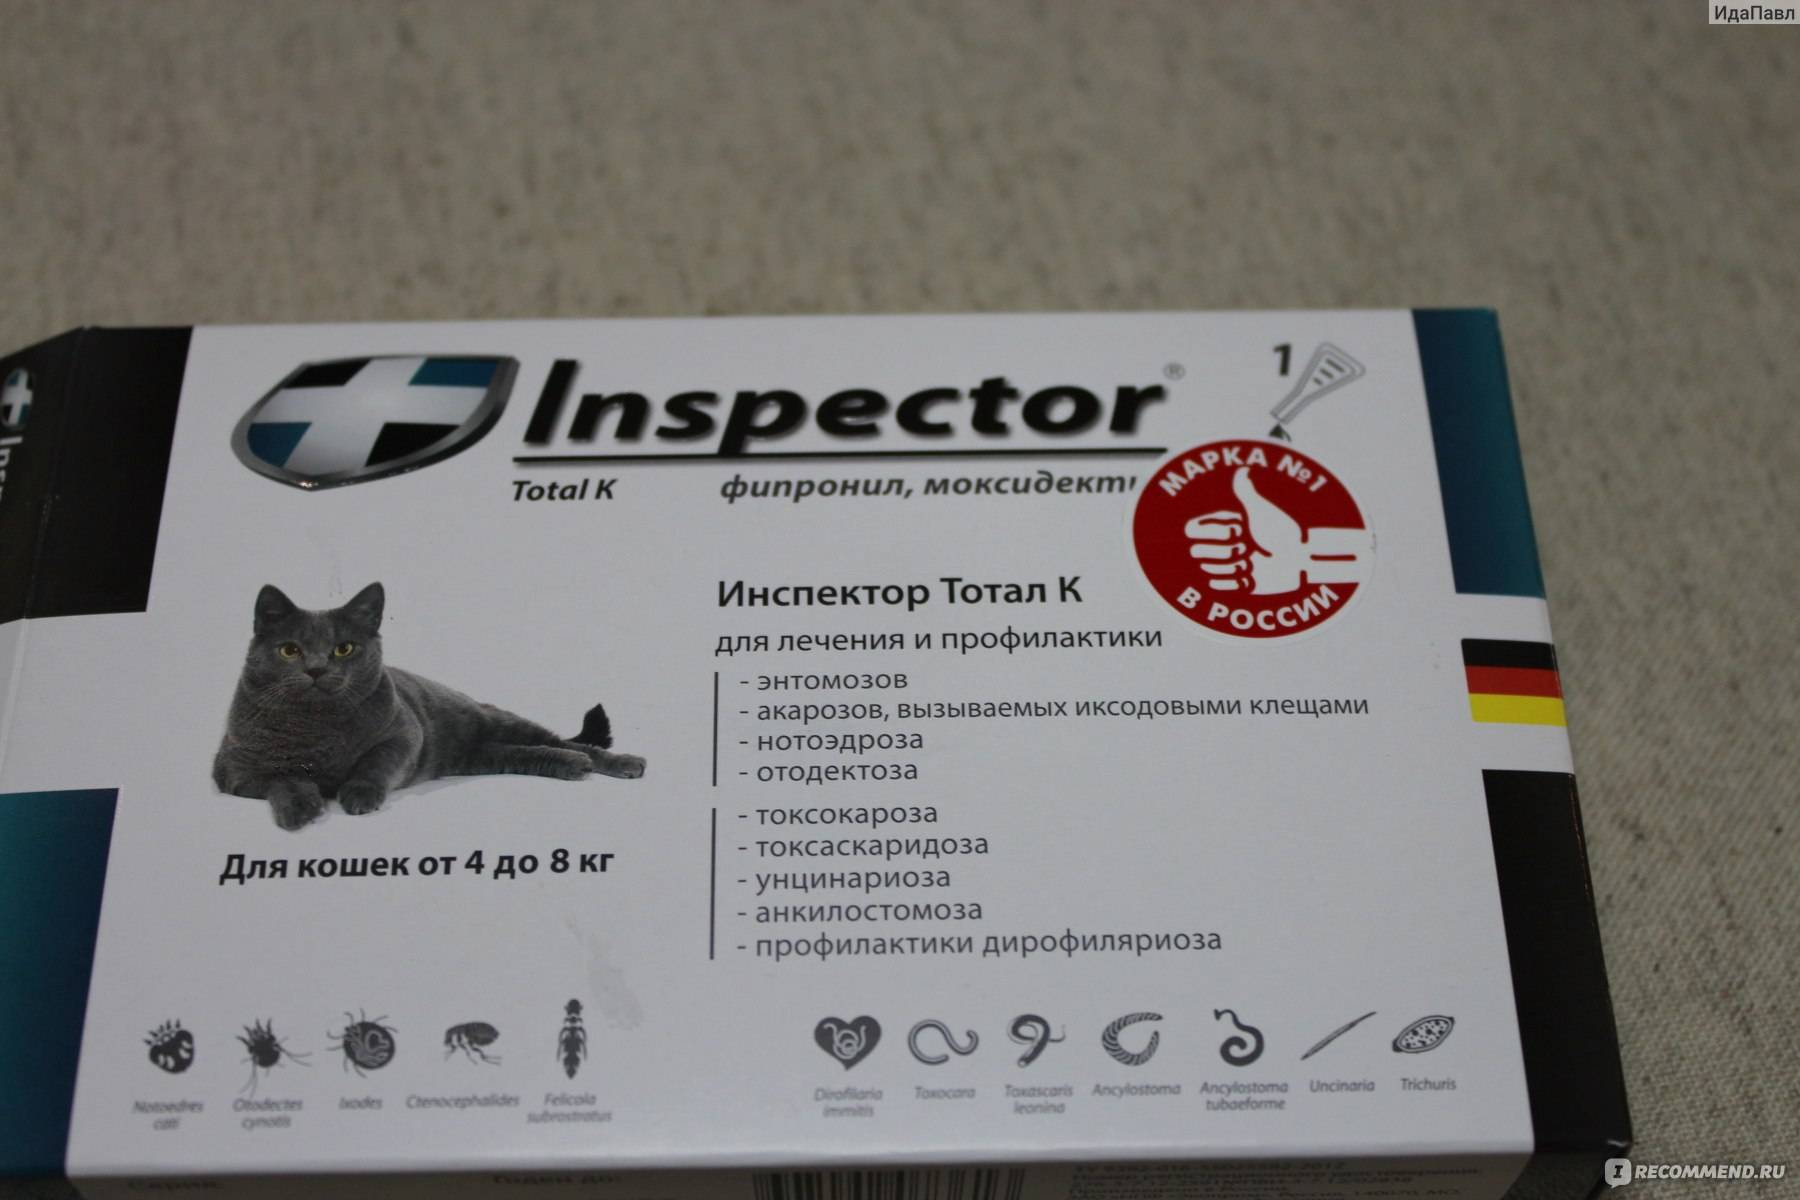 Инспектор тотал для кошек: показания и инструкция по применению, отзывы, цена